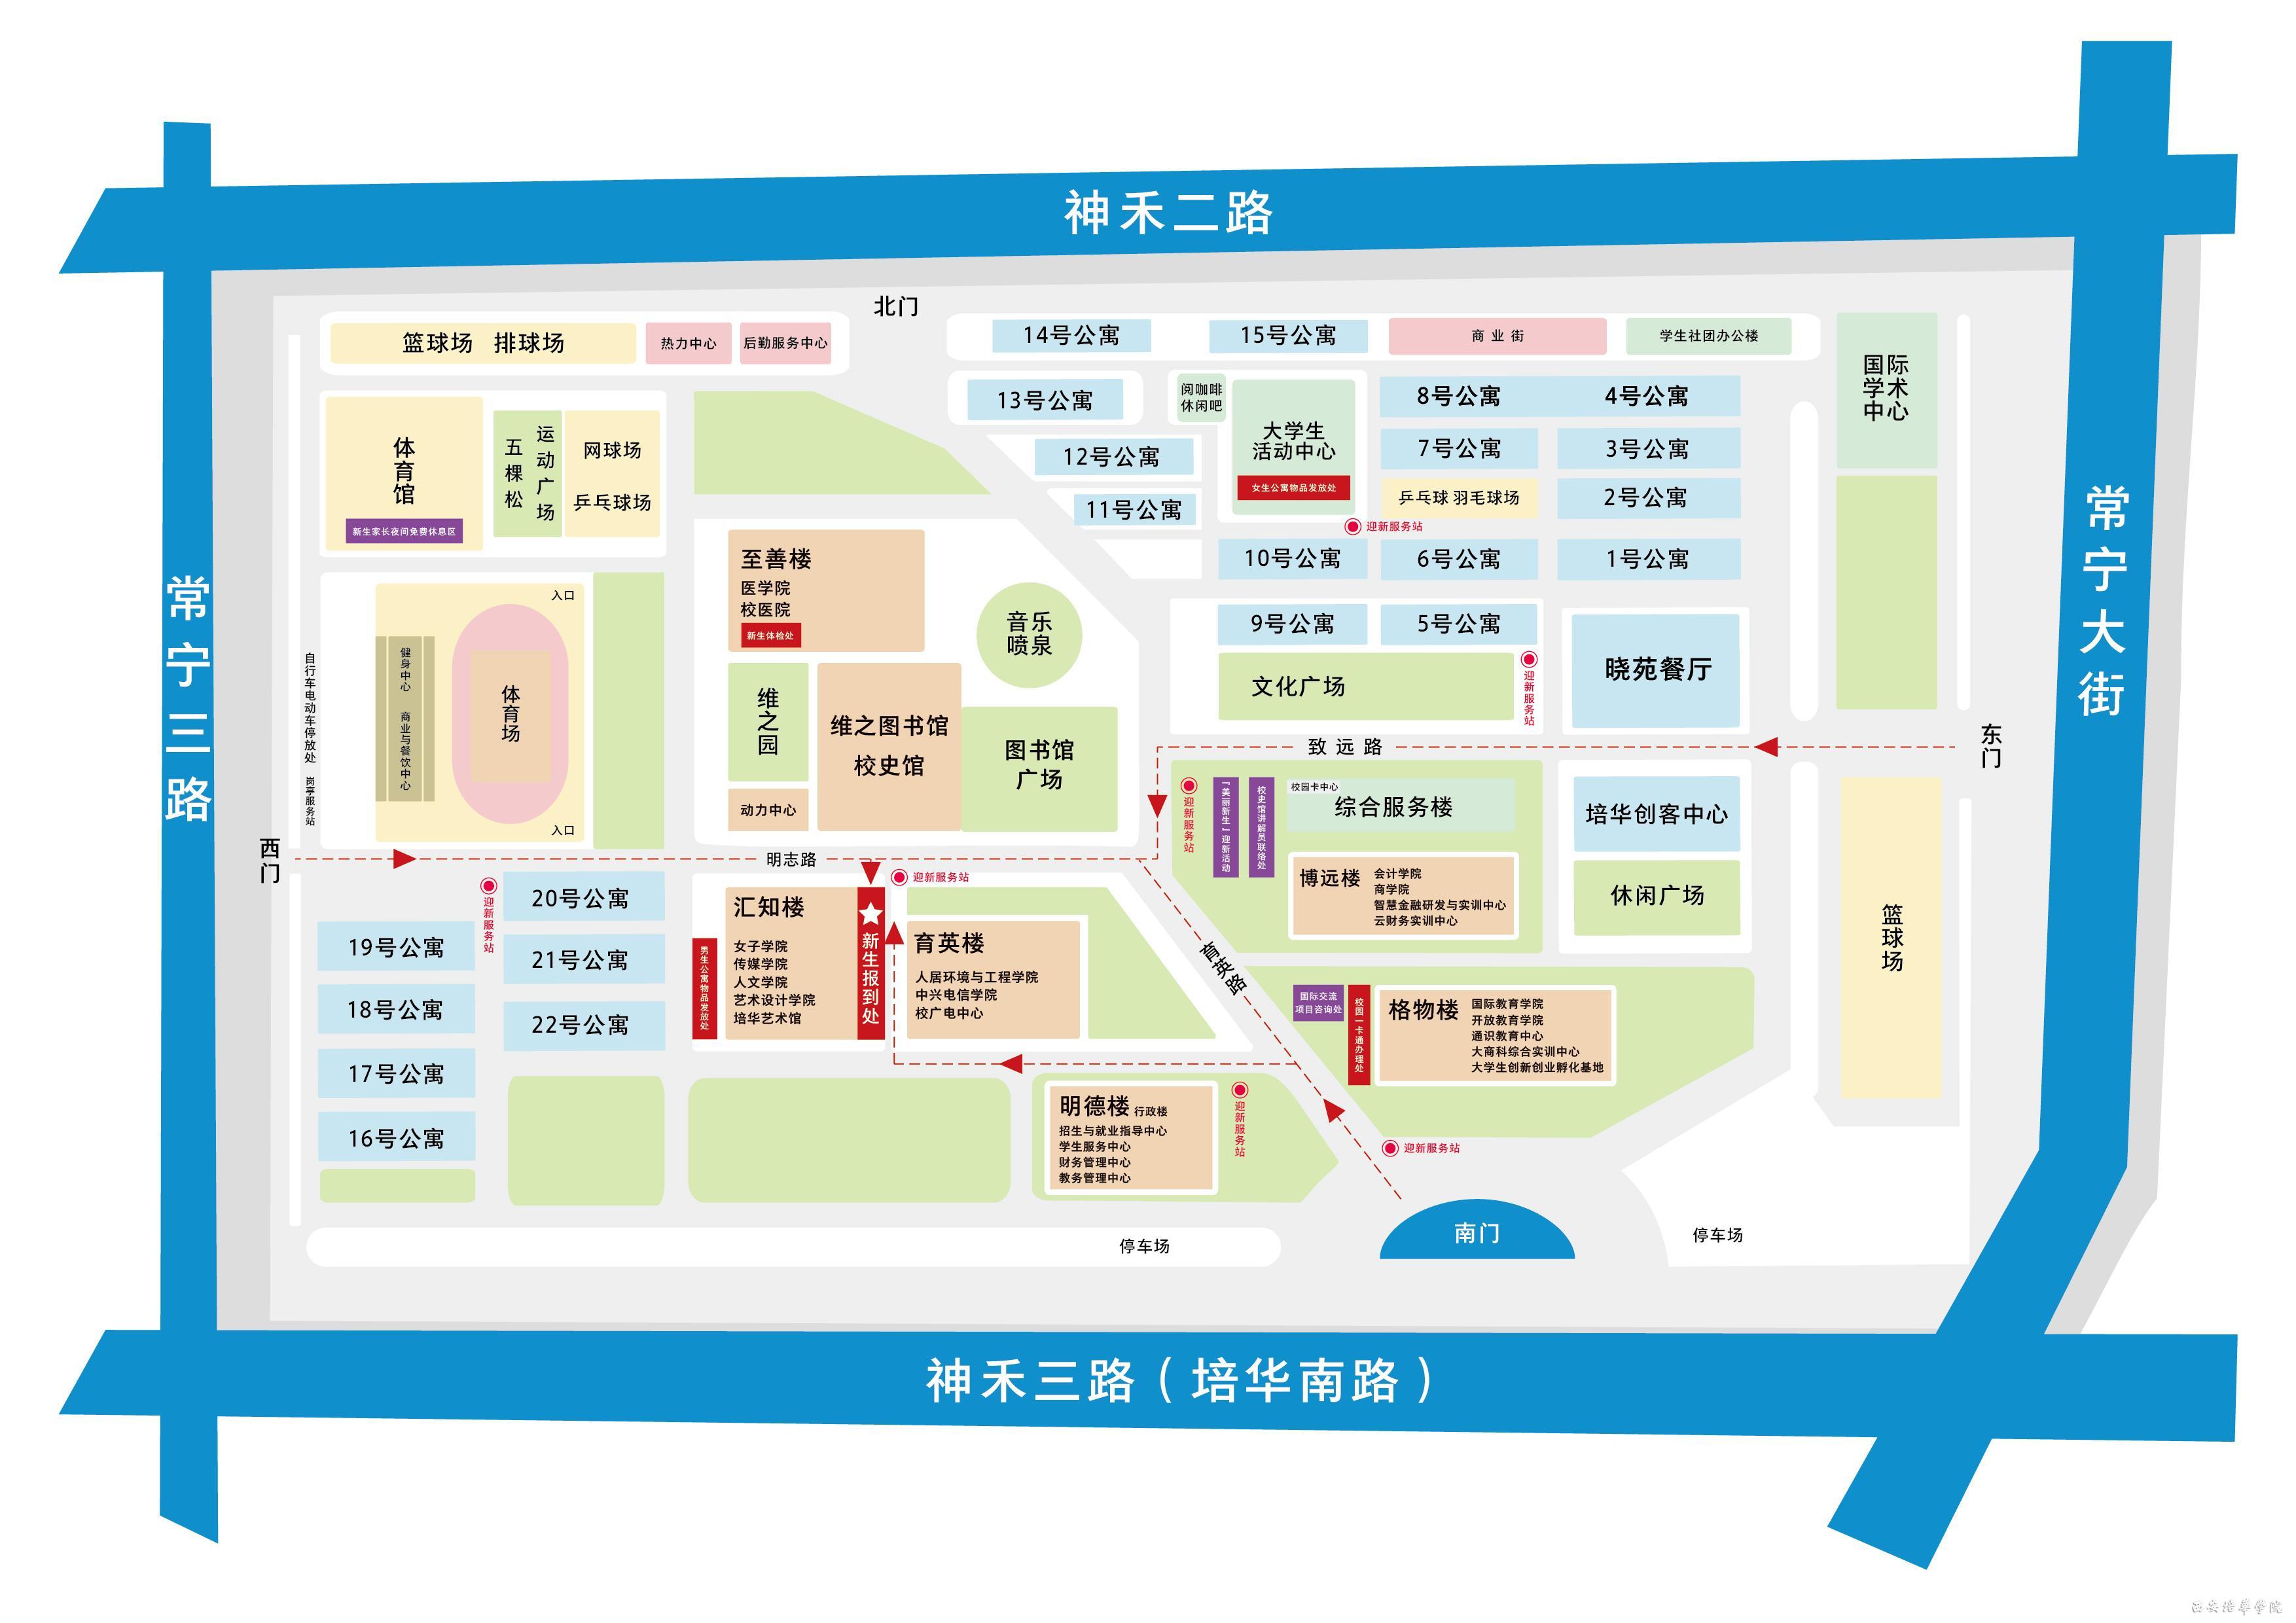 【迎新】导识地图---西安培华学院新闻网